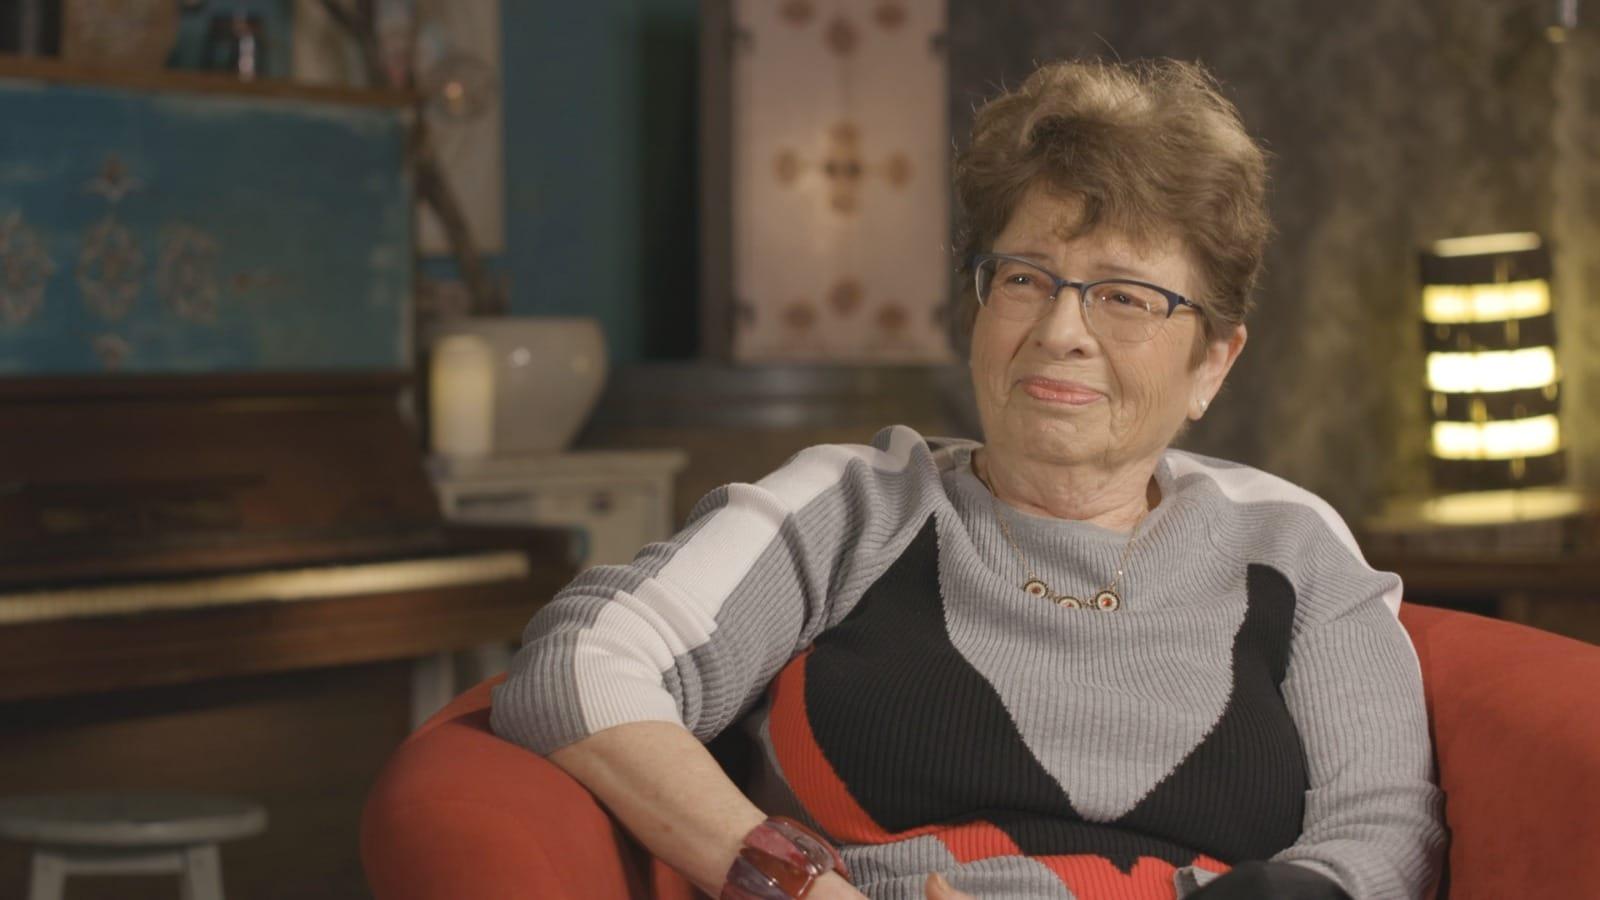 מיוחד ליום השואה: פרק הפתיחה של 'לב פתוח' – תוכנית ראיונות עומק עם יעל שבח – בו מתארחת אסתר שלזינגר אשר שרדה את התופת ולא מפסיקה לחייך